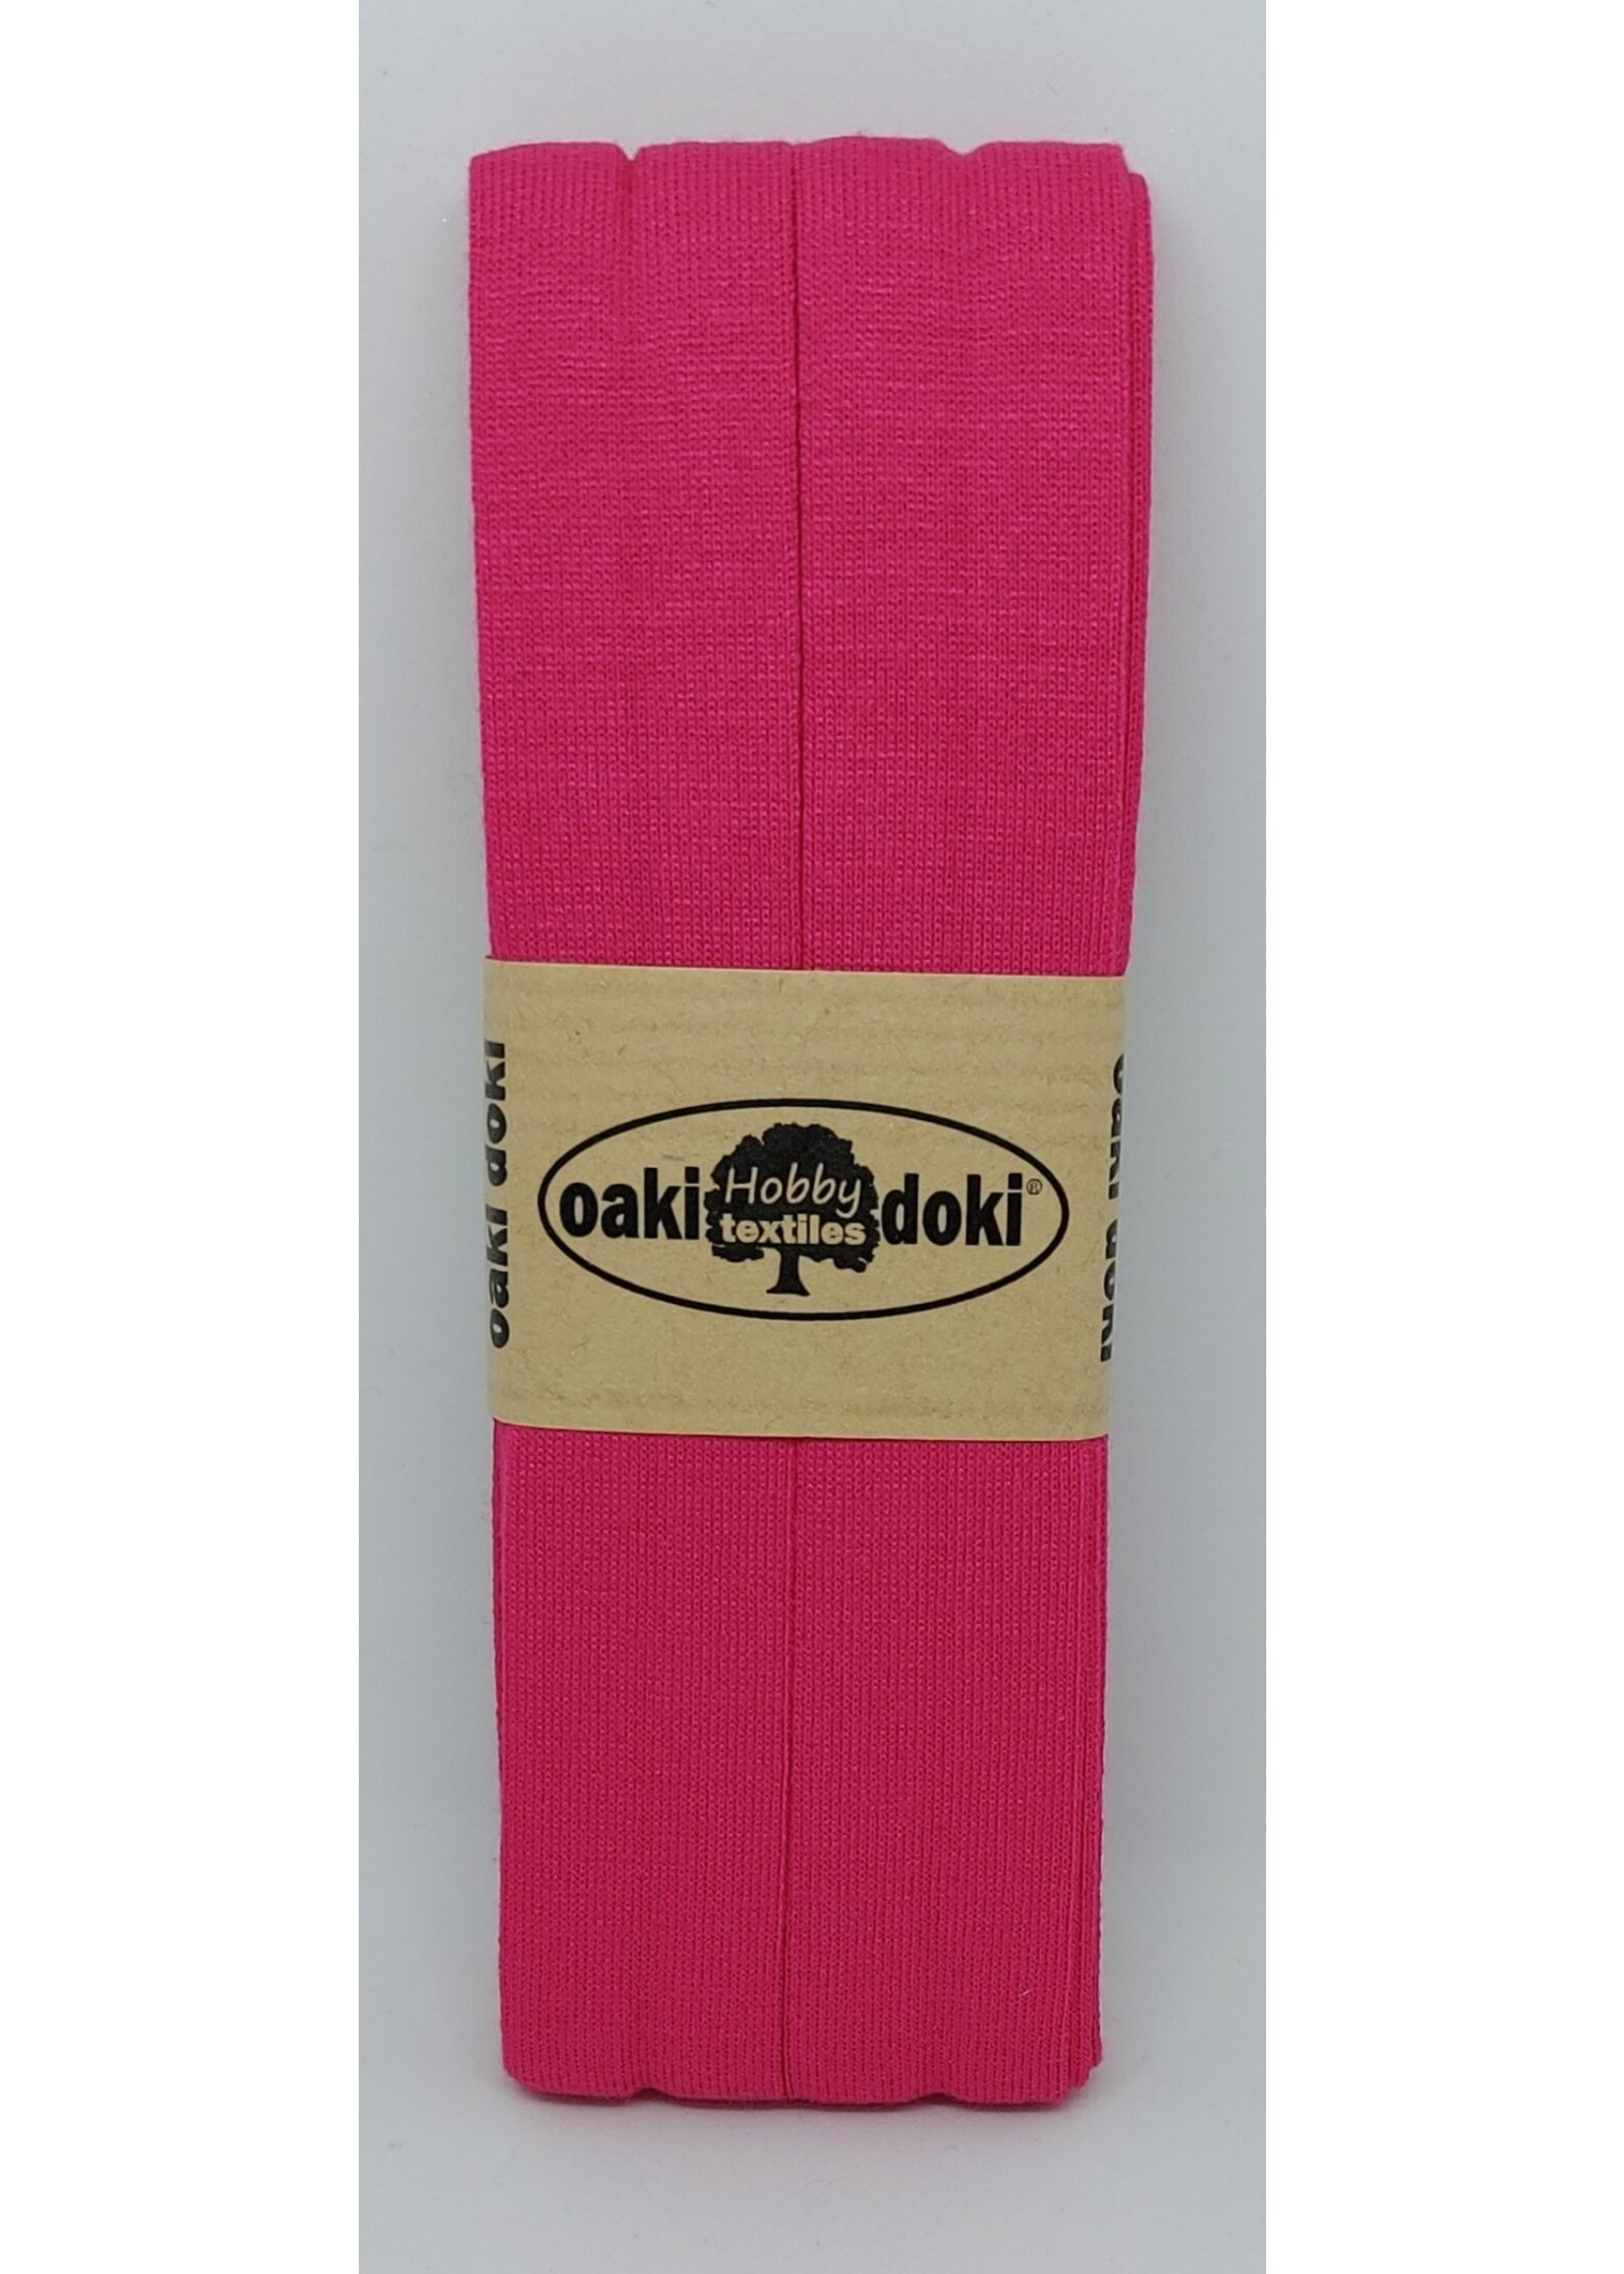 Oaki Doki Tricot de luxe 917